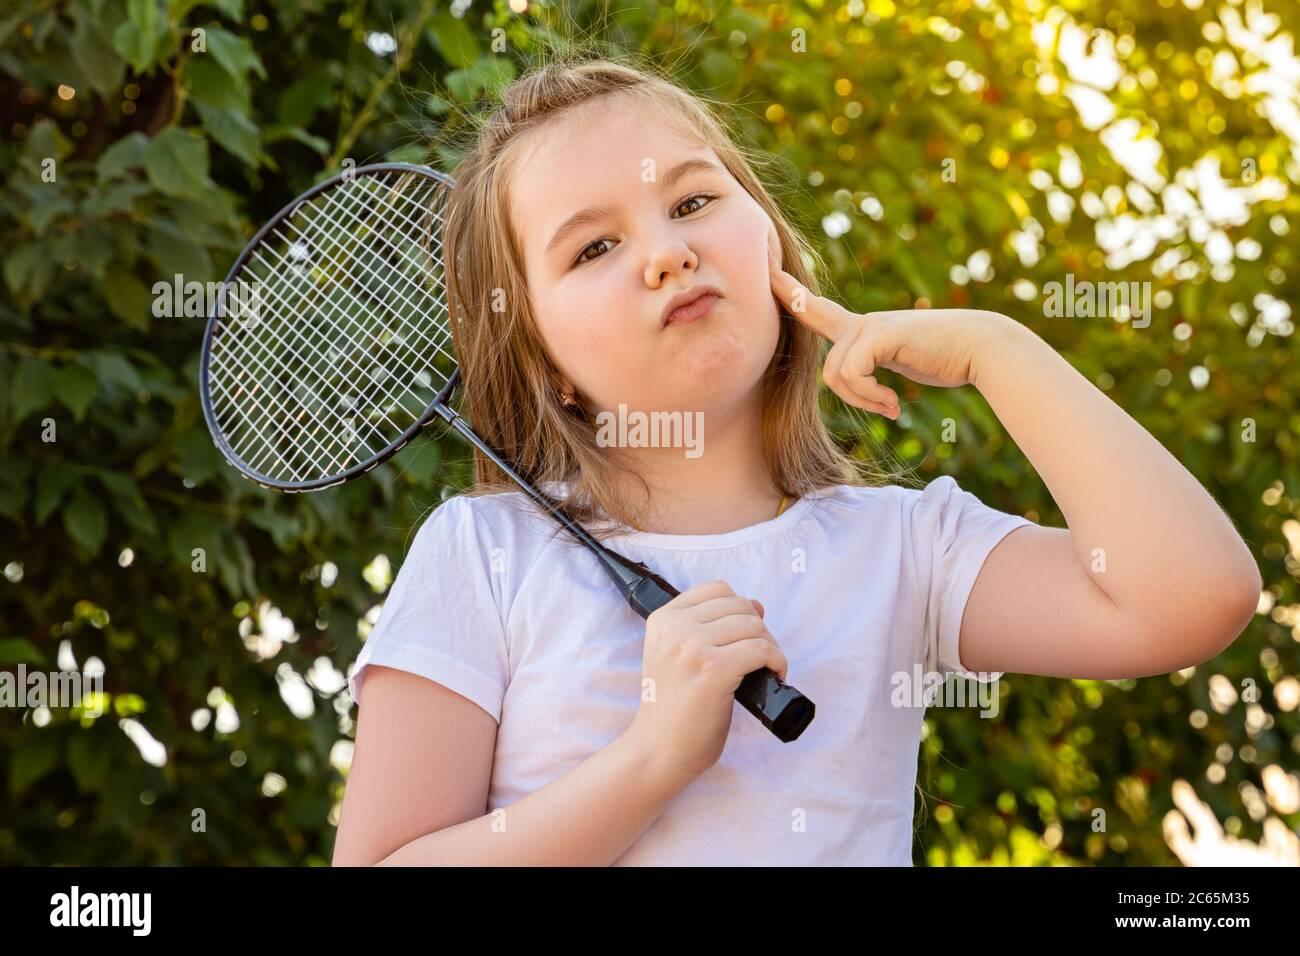 Une petite fille fait un visage glamour avec joie. Jolie petite fille jouant au badminton à l'extérieur le jour d'été chaud et ensoleillé. Banque D'Images